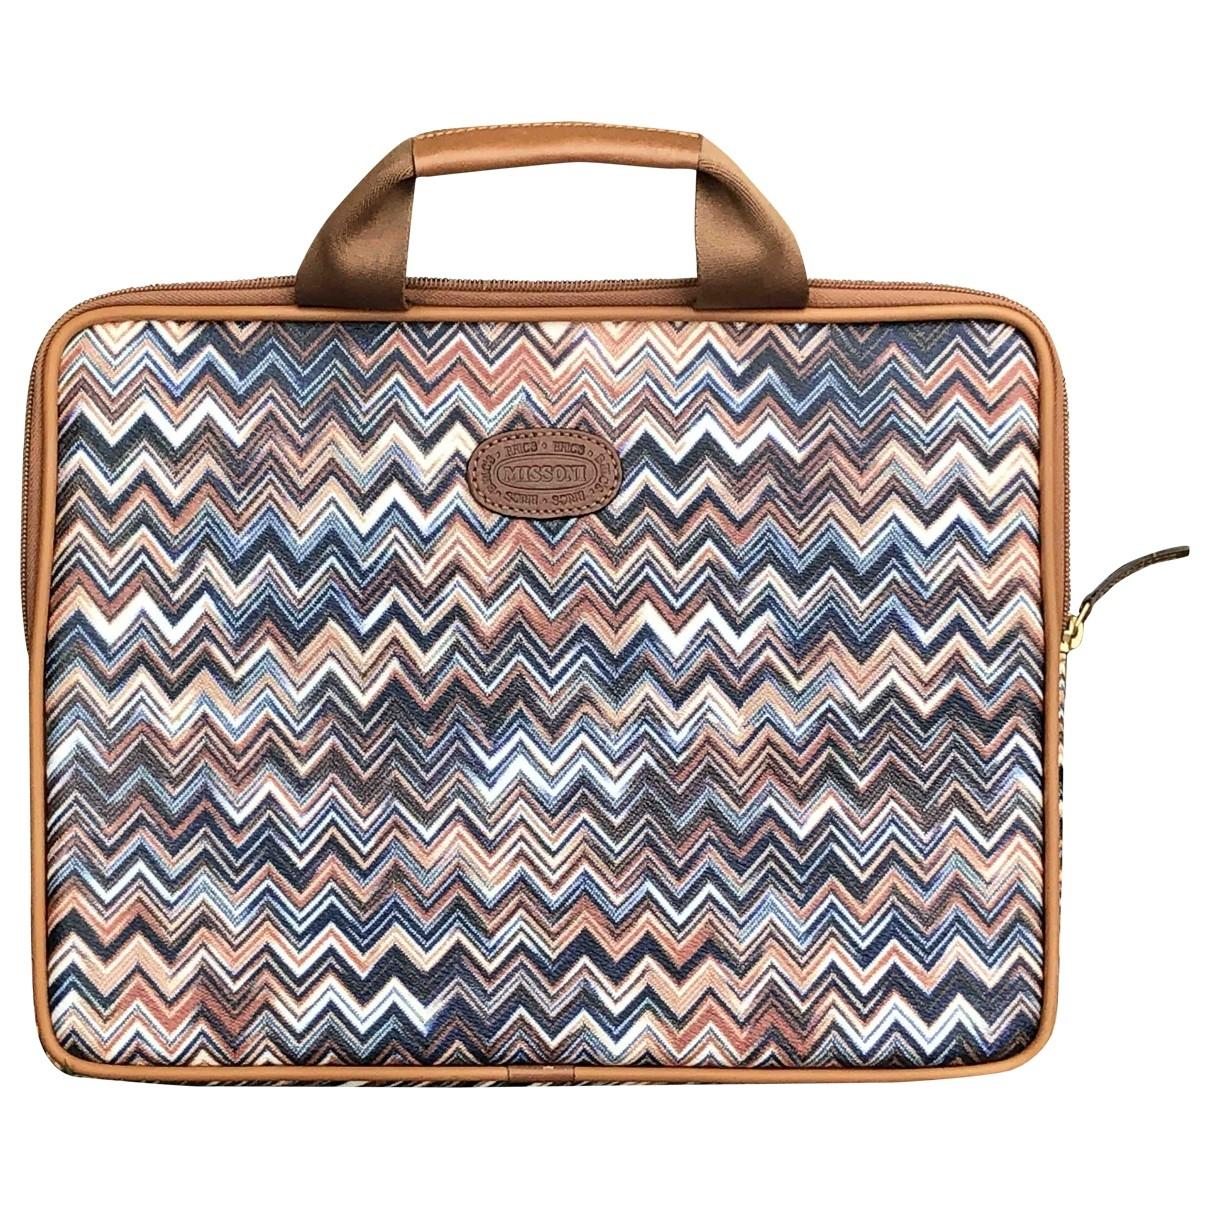 Missoni - Accessoires   pour lifestyle en cuir - multicolore